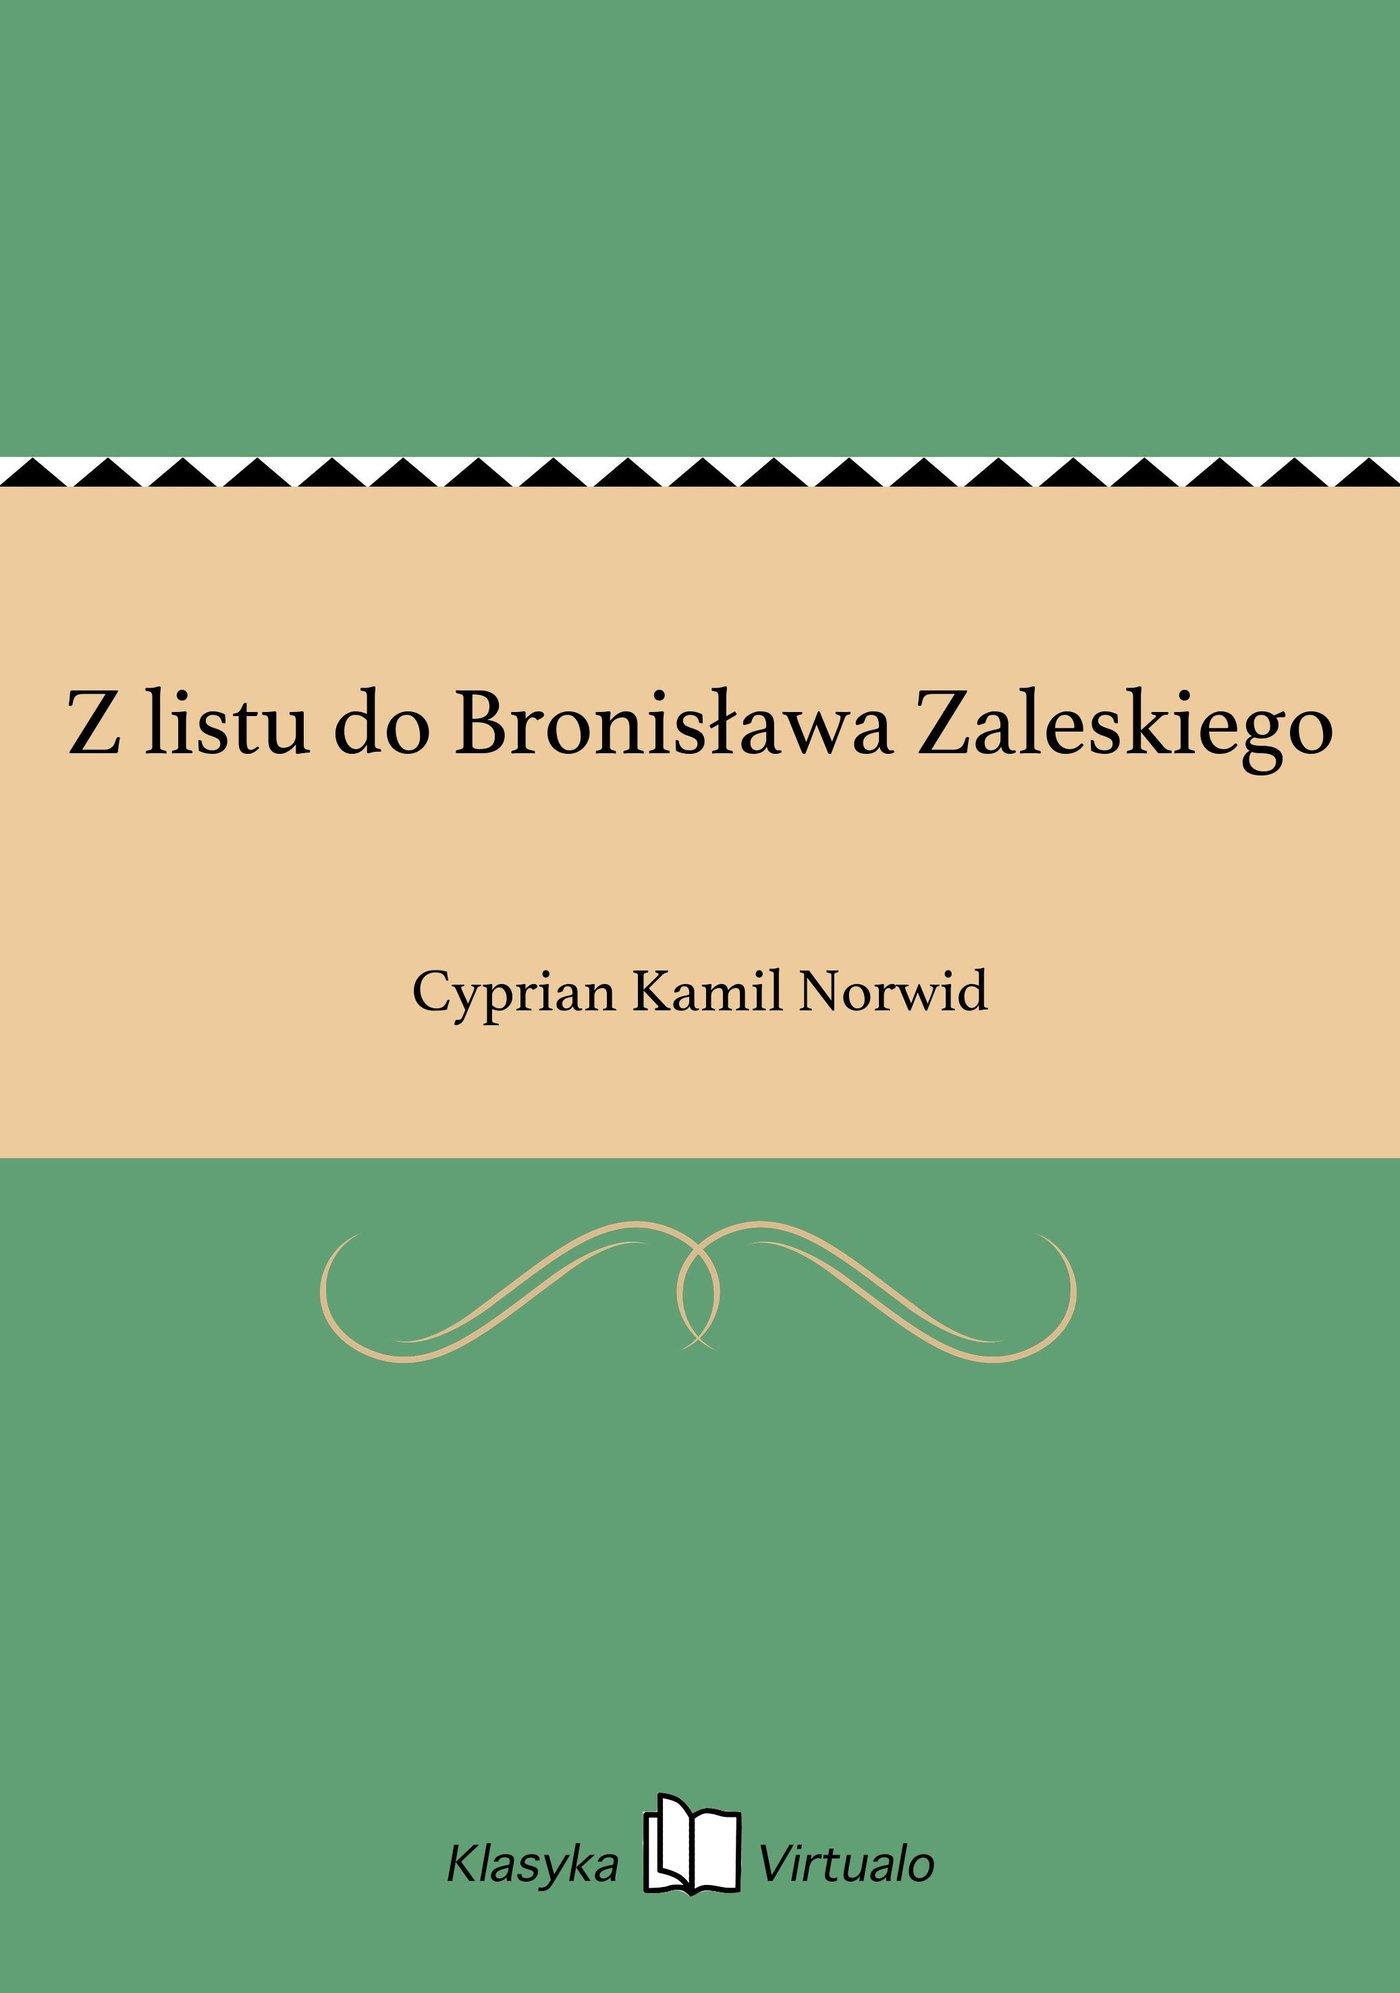 Z listu do Bronisława Zaleskiego - Ebook (Książka EPUB) do pobrania w formacie EPUB